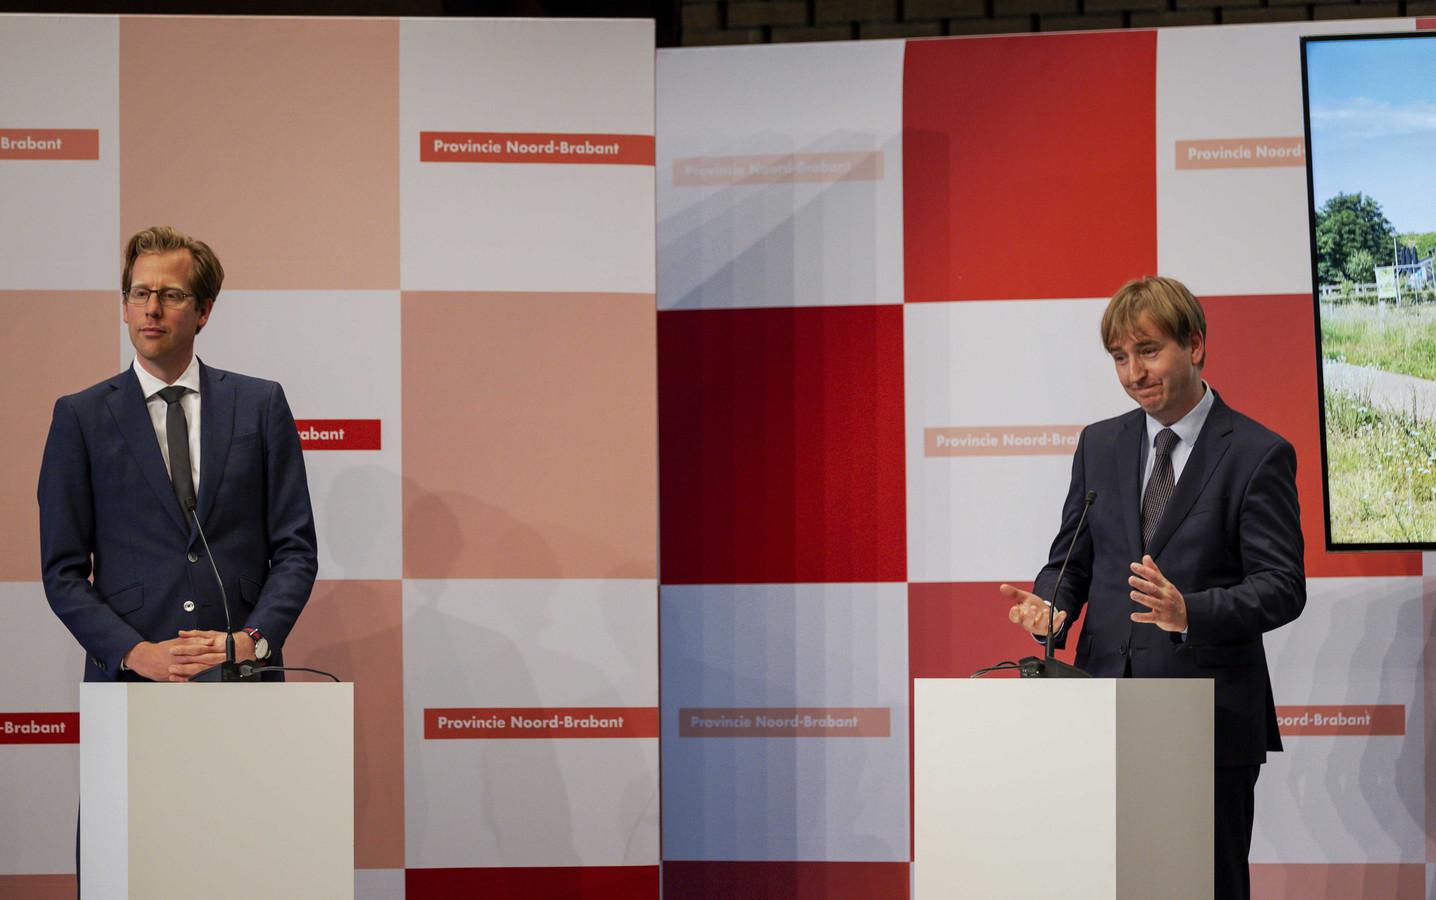 De VVD van Christophe van der Maat (links) heeft de buik vol van het FVD van Eric de Bie (rechts).